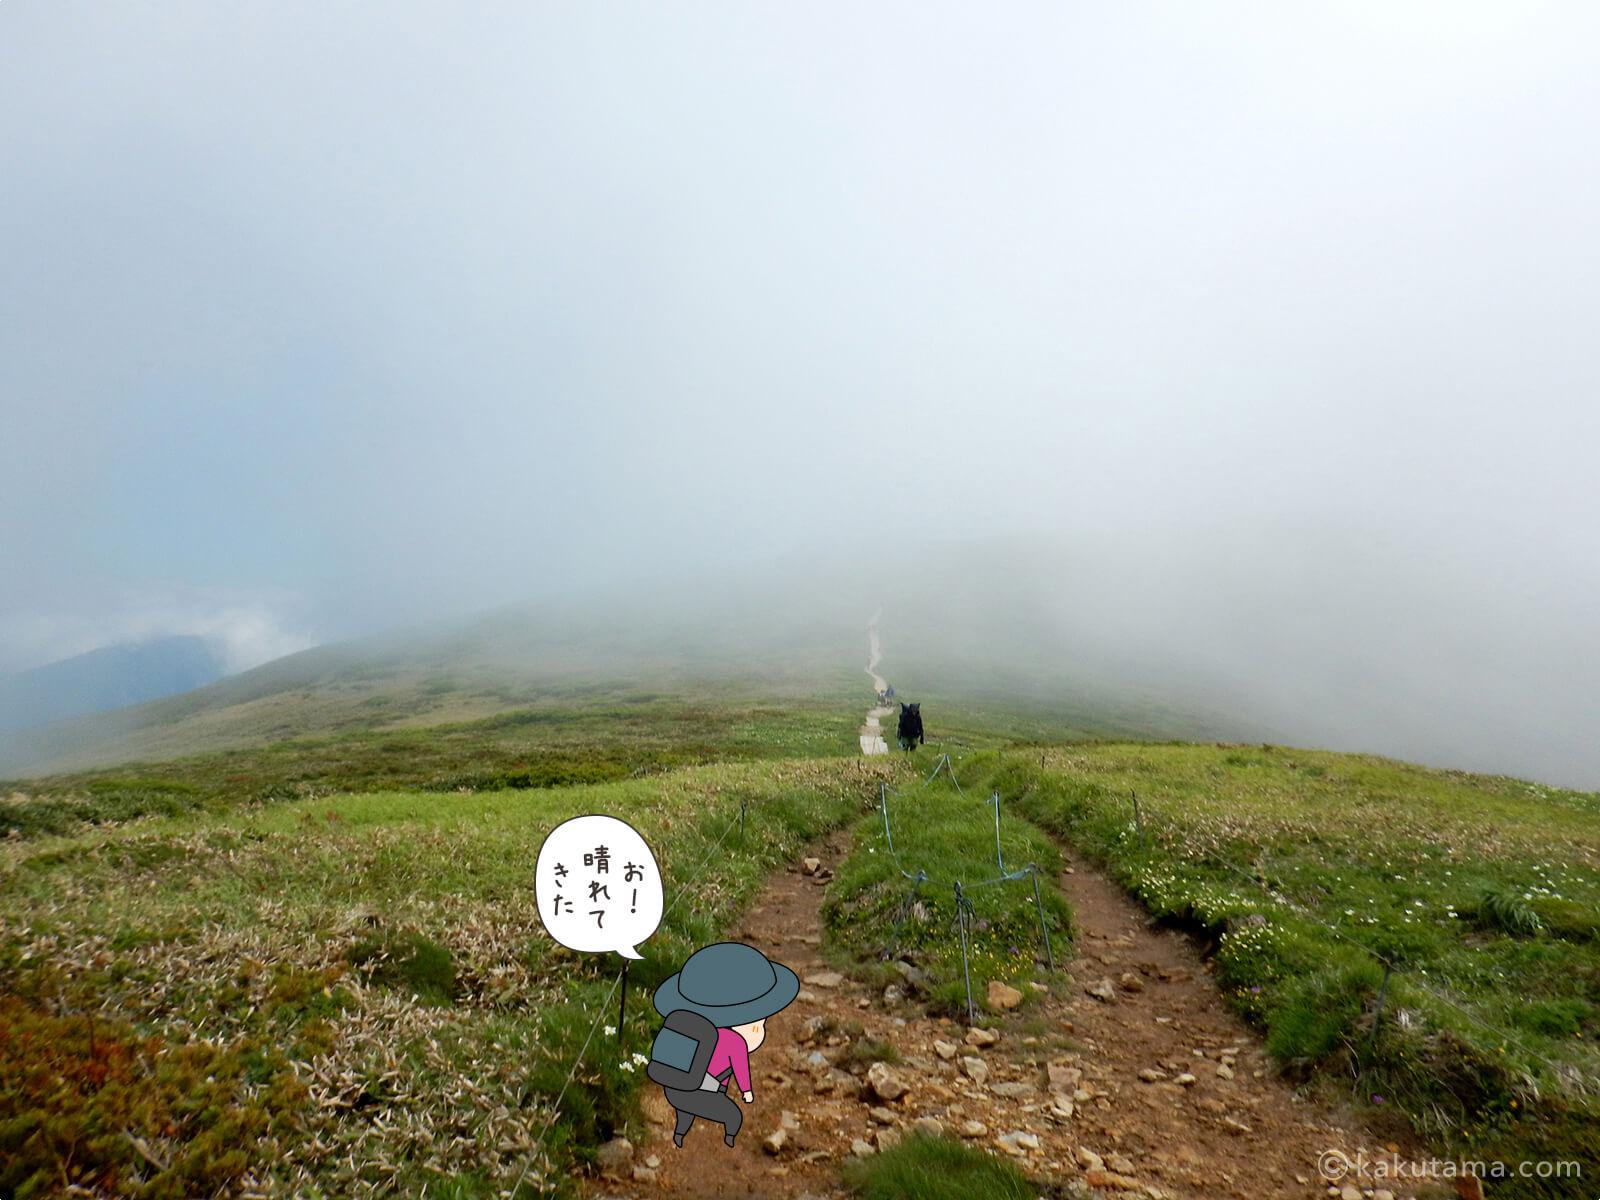 仙ノ倉山へ向かって進む2